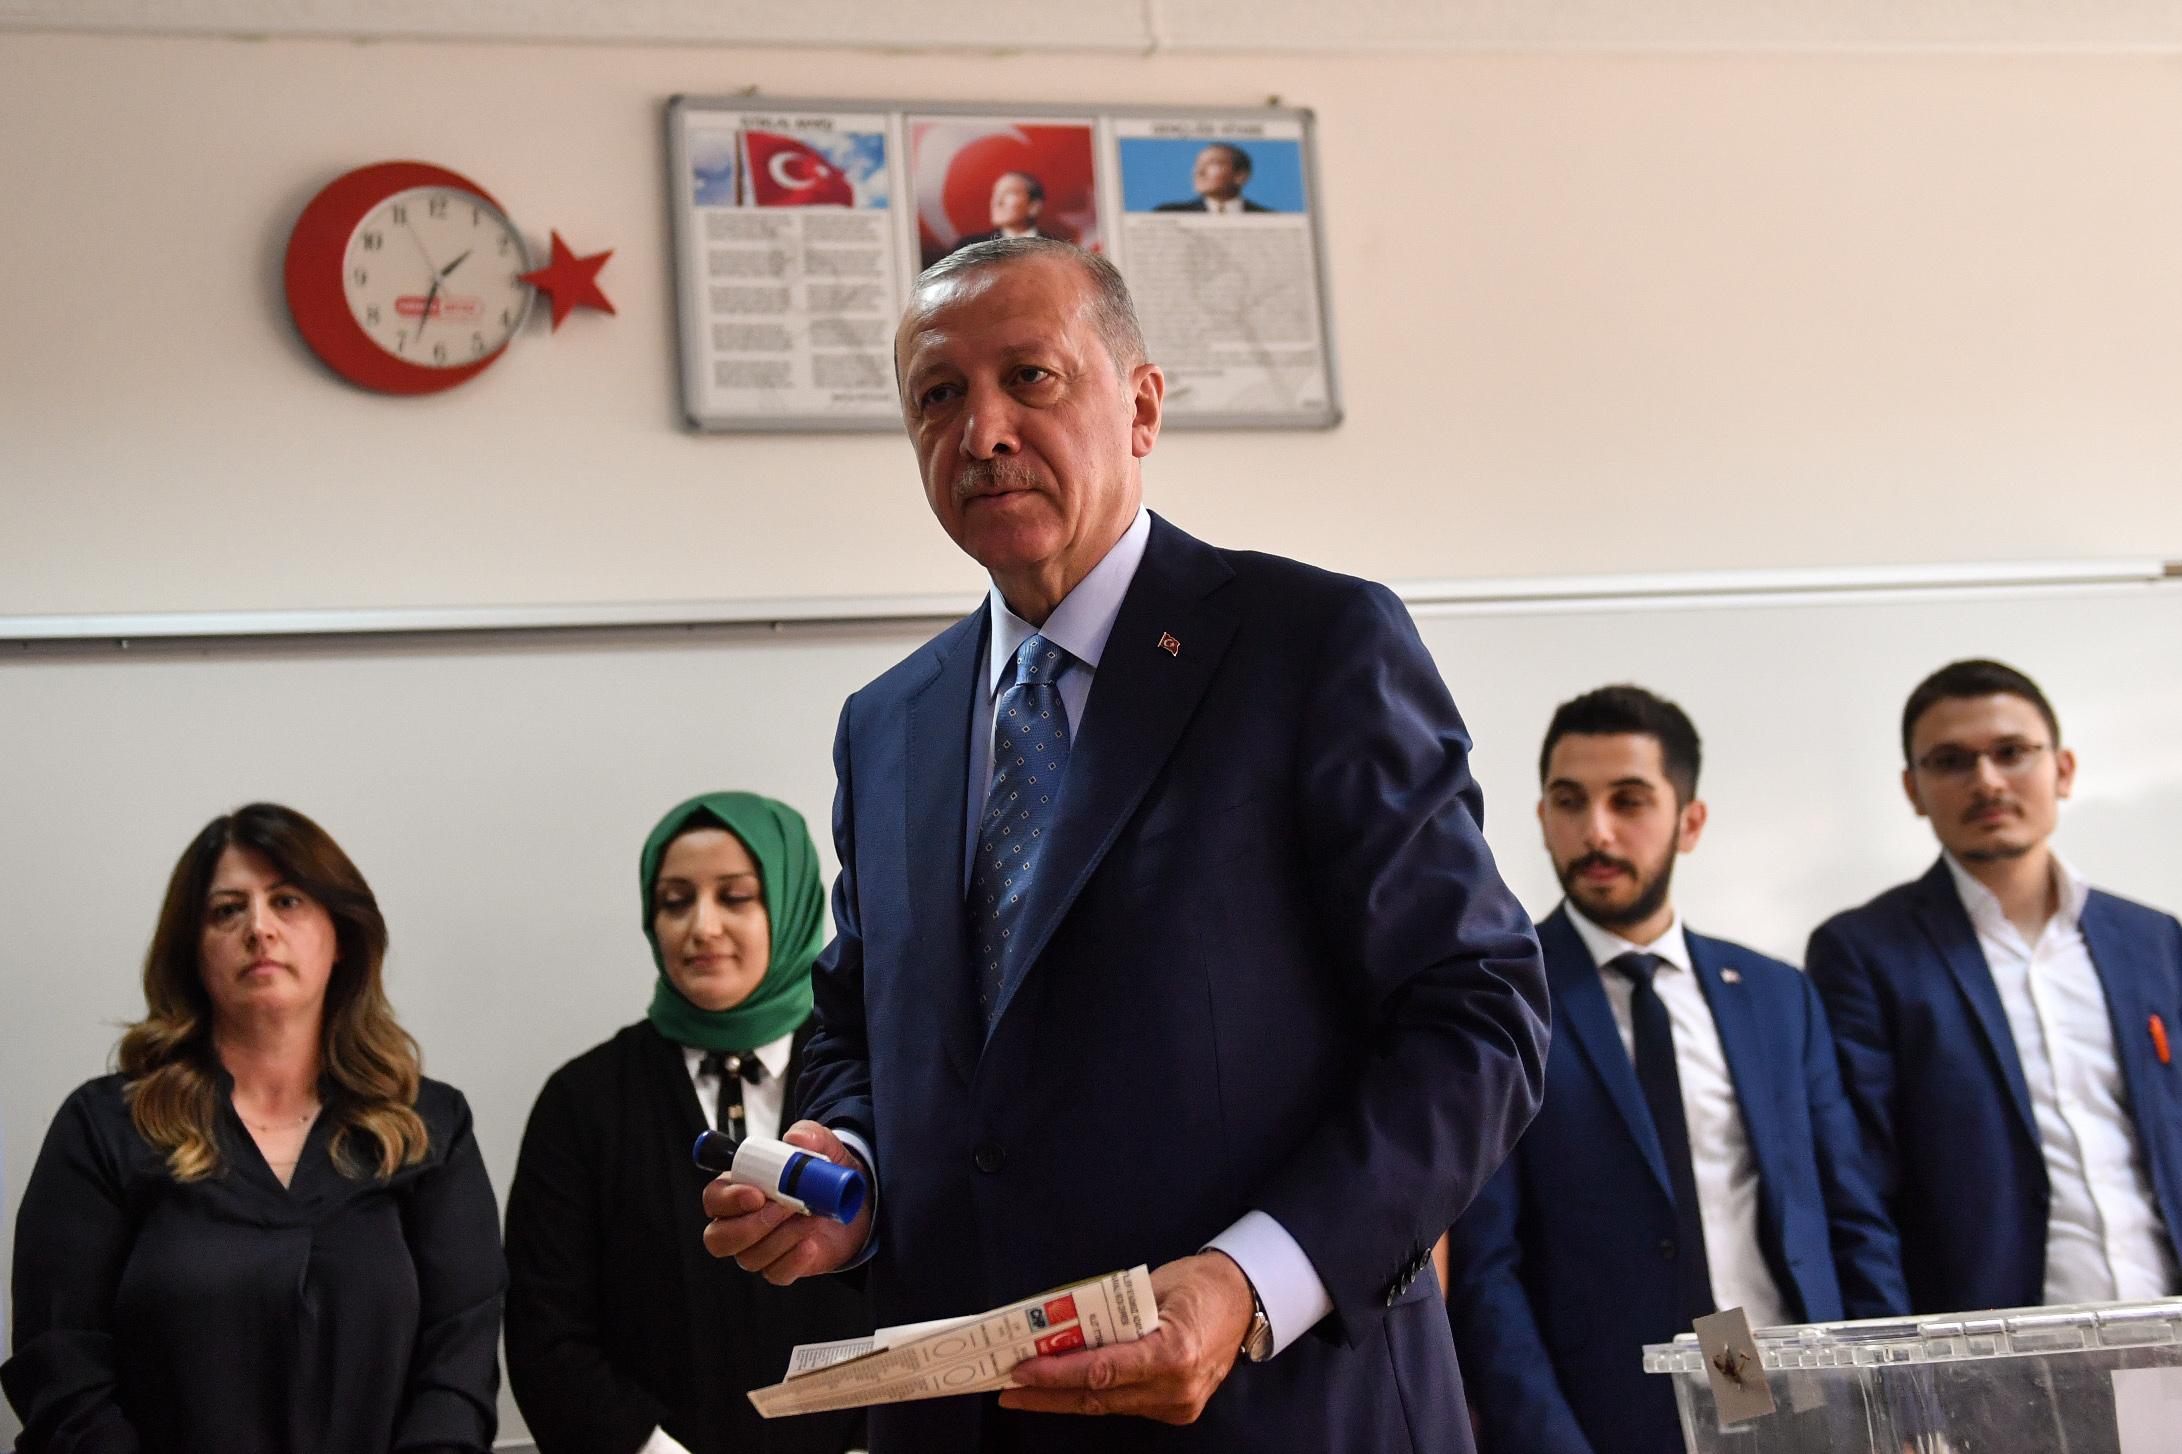 Követendő példa: a vejét tette meg az államkincstár élére Erdogan